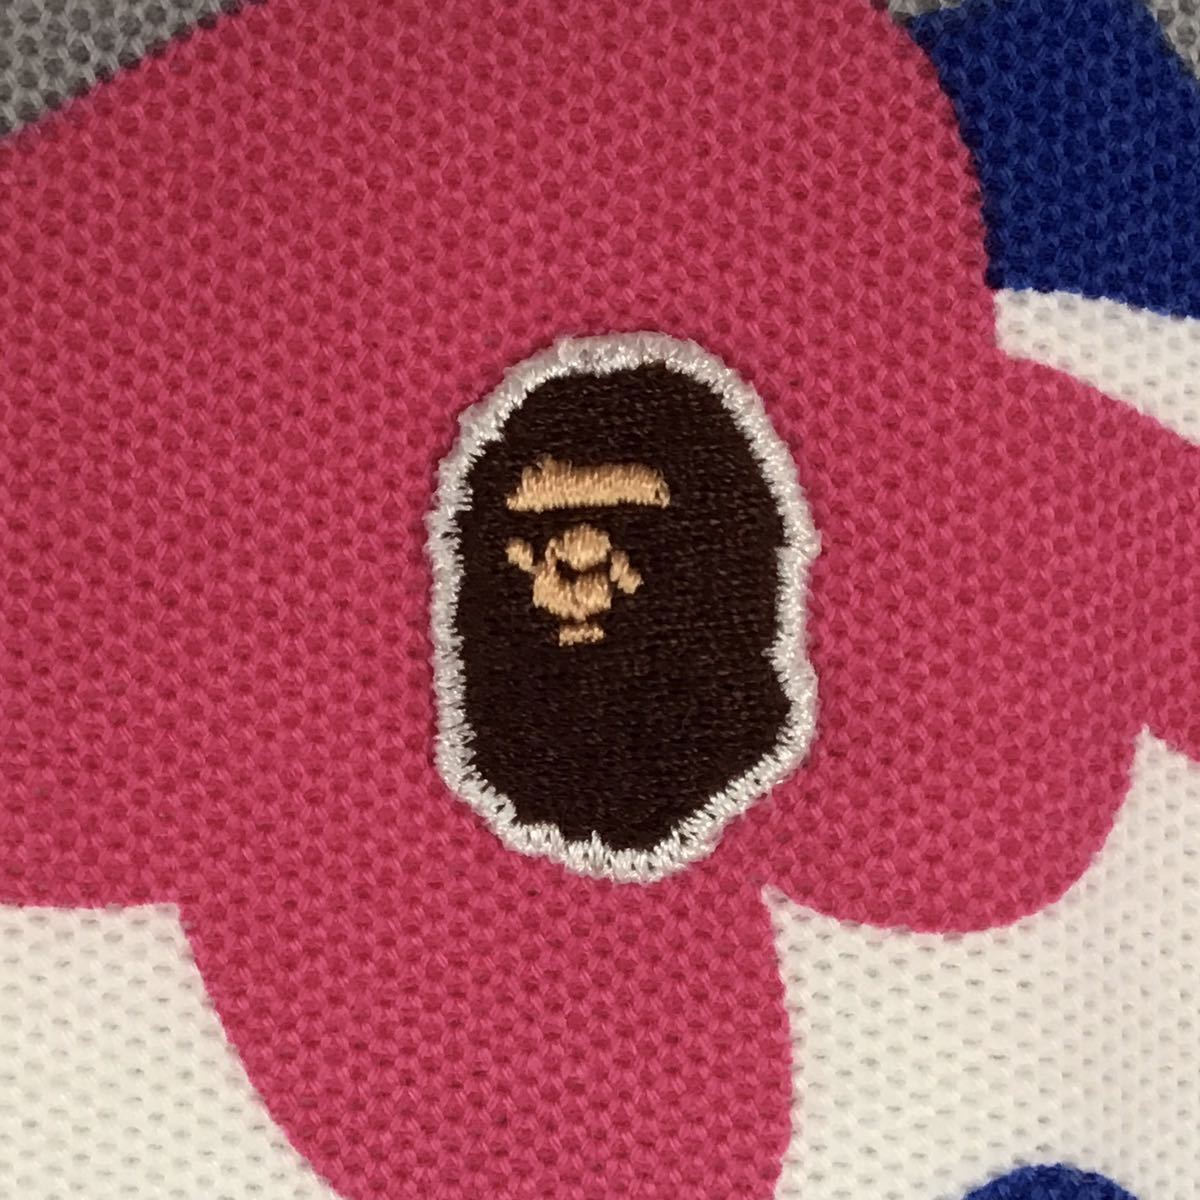 ★新品★ 新潟限定 niigata city camo ポロシャツ Mサイズ a bathing ape bape エイプ ベイプ アベイシングエイプ 都市限定 迷彩 nigo 6454